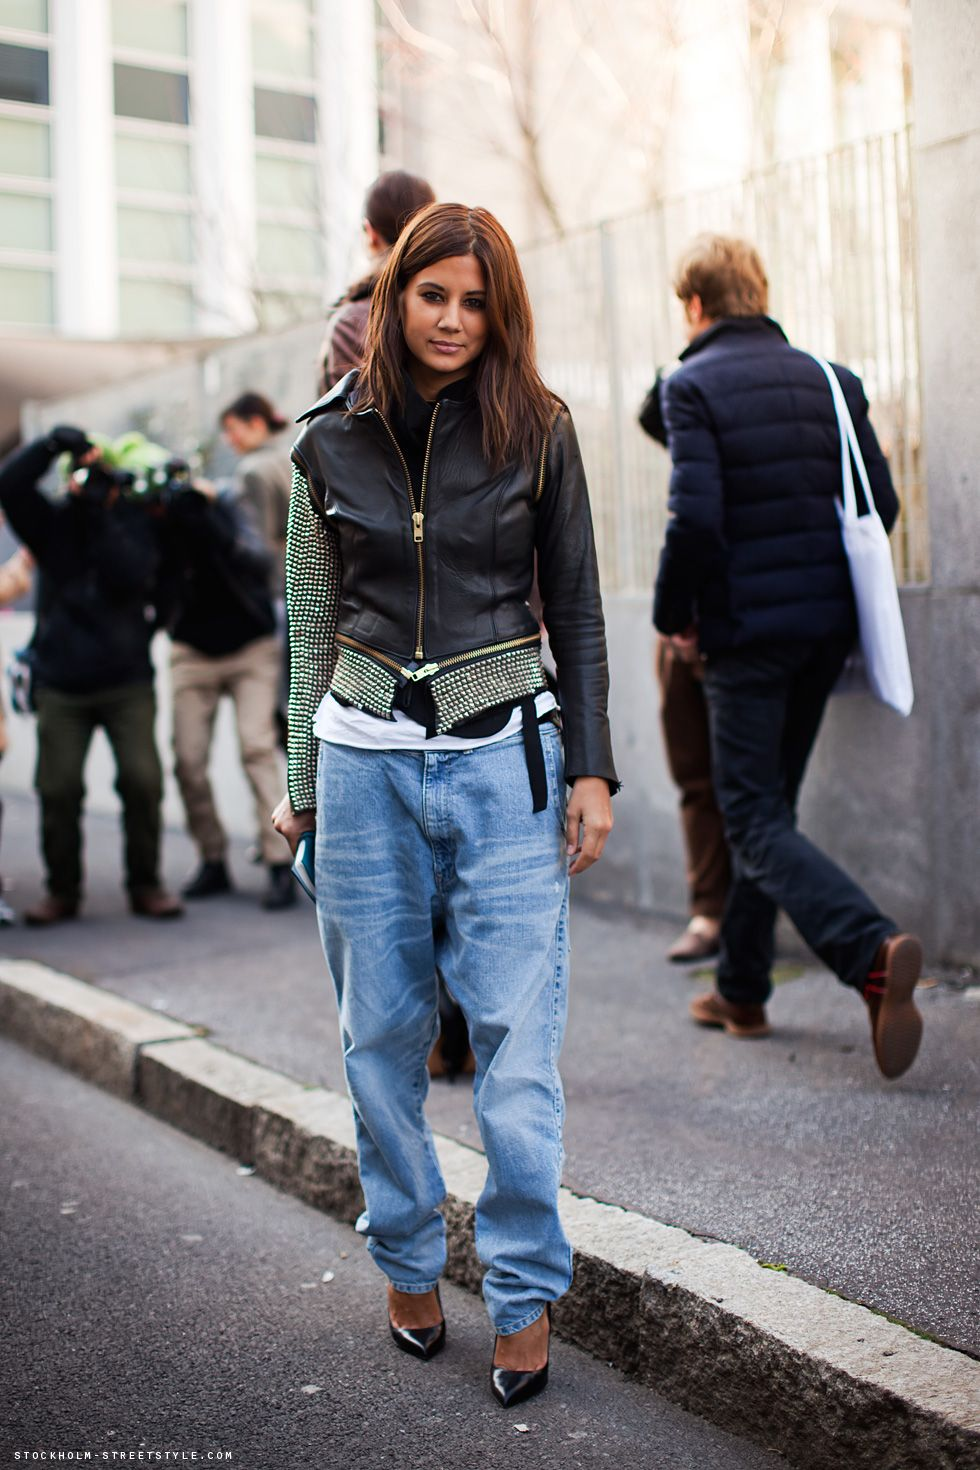 bomber & boyfriends. Ceec in Milan. #ChristineCentenera